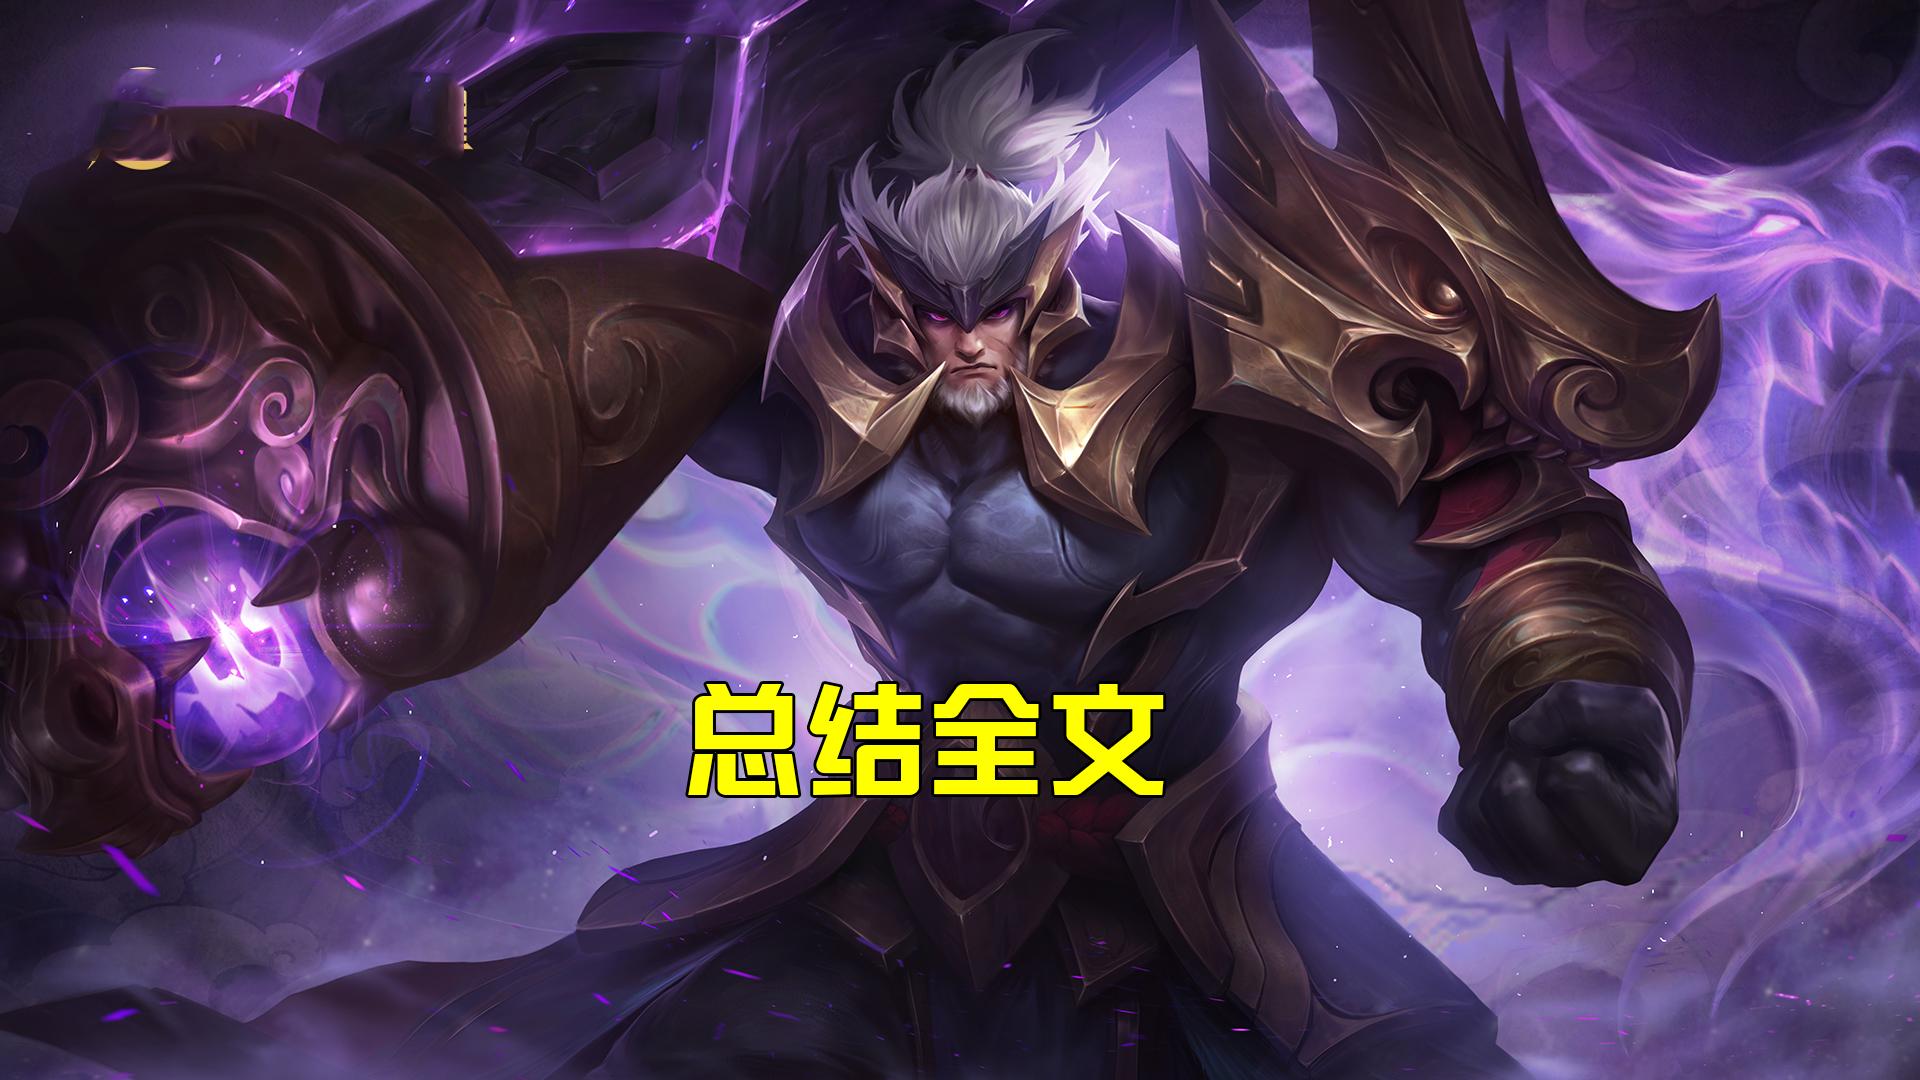 王者荣耀黑驴:S21如何用苏烈开好团战?顶尖团控细节请收下!插图(13)